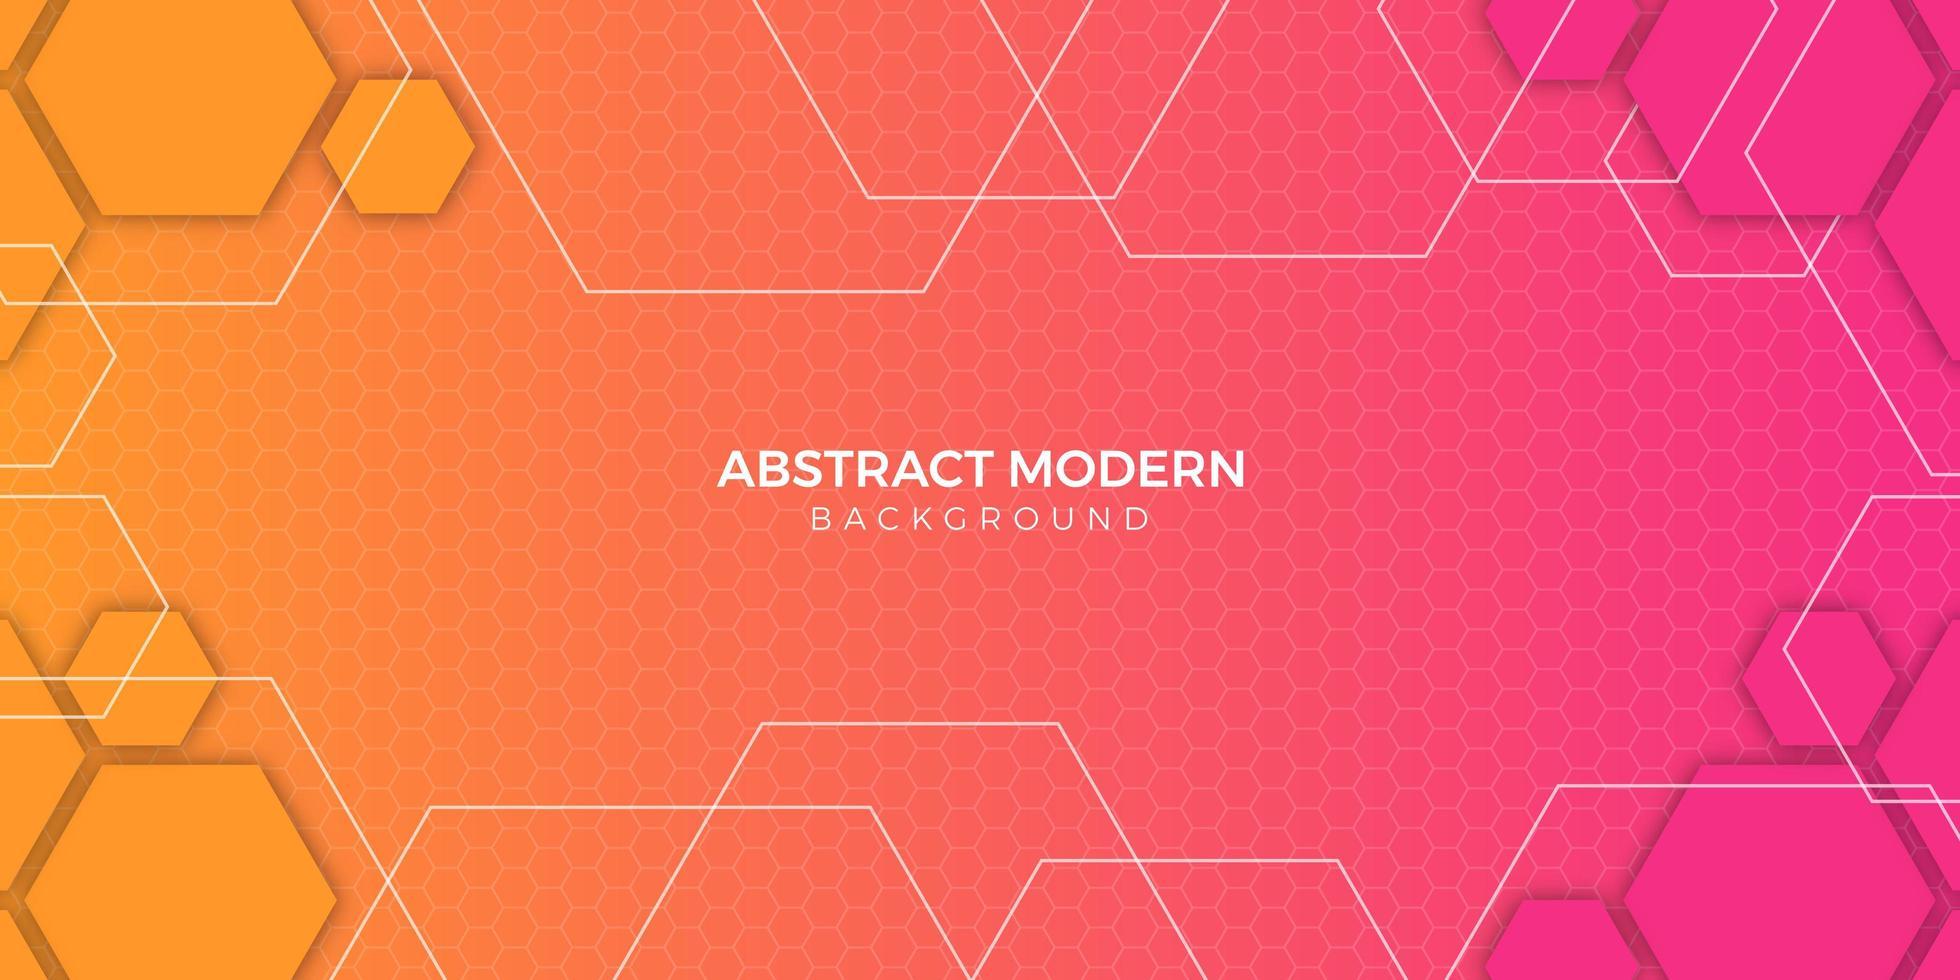 kleurrijk abstract geometrisch gradiëntontwerp als achtergrond vector